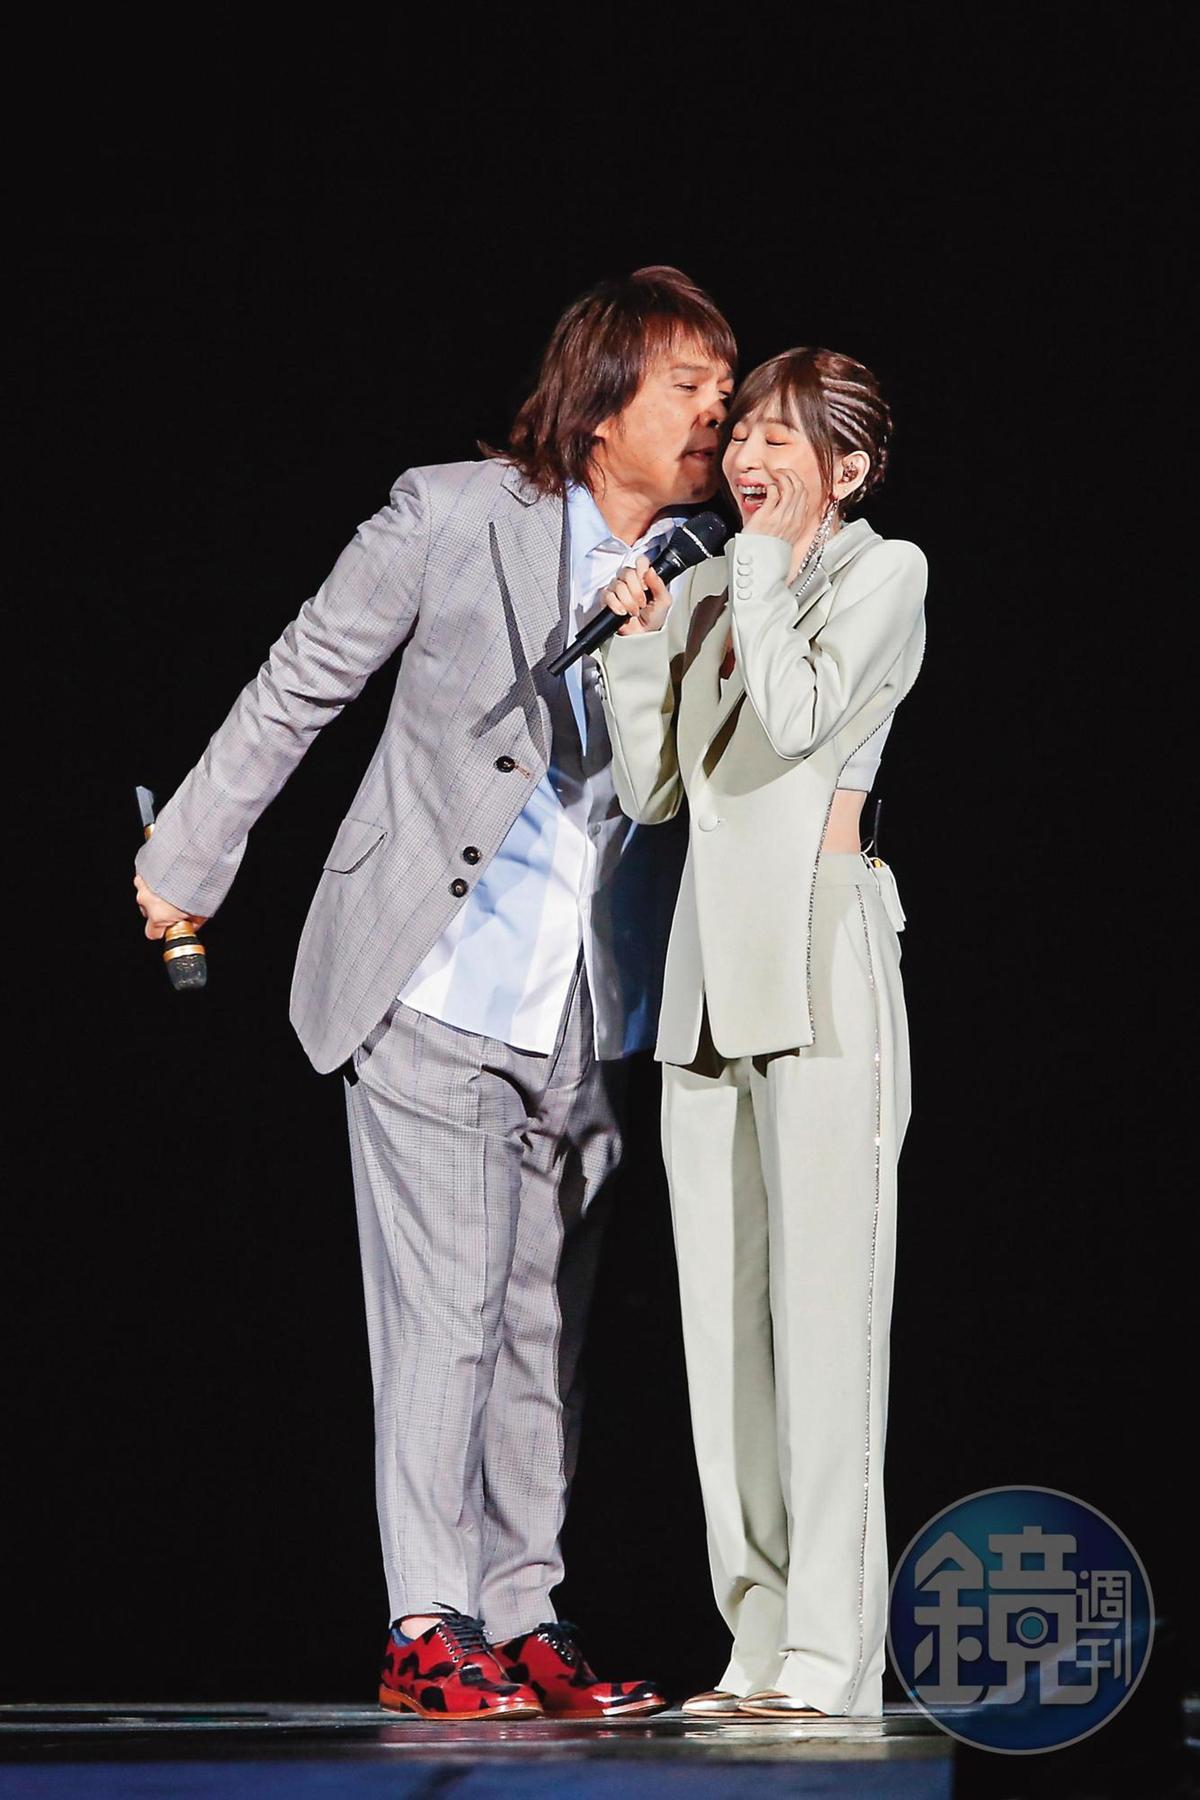 王心凌(右)與伍佰(左)登上台北小巨蛋演唱,完美展現台灣的安定和進步,期能喚起世界人類的覺悟。